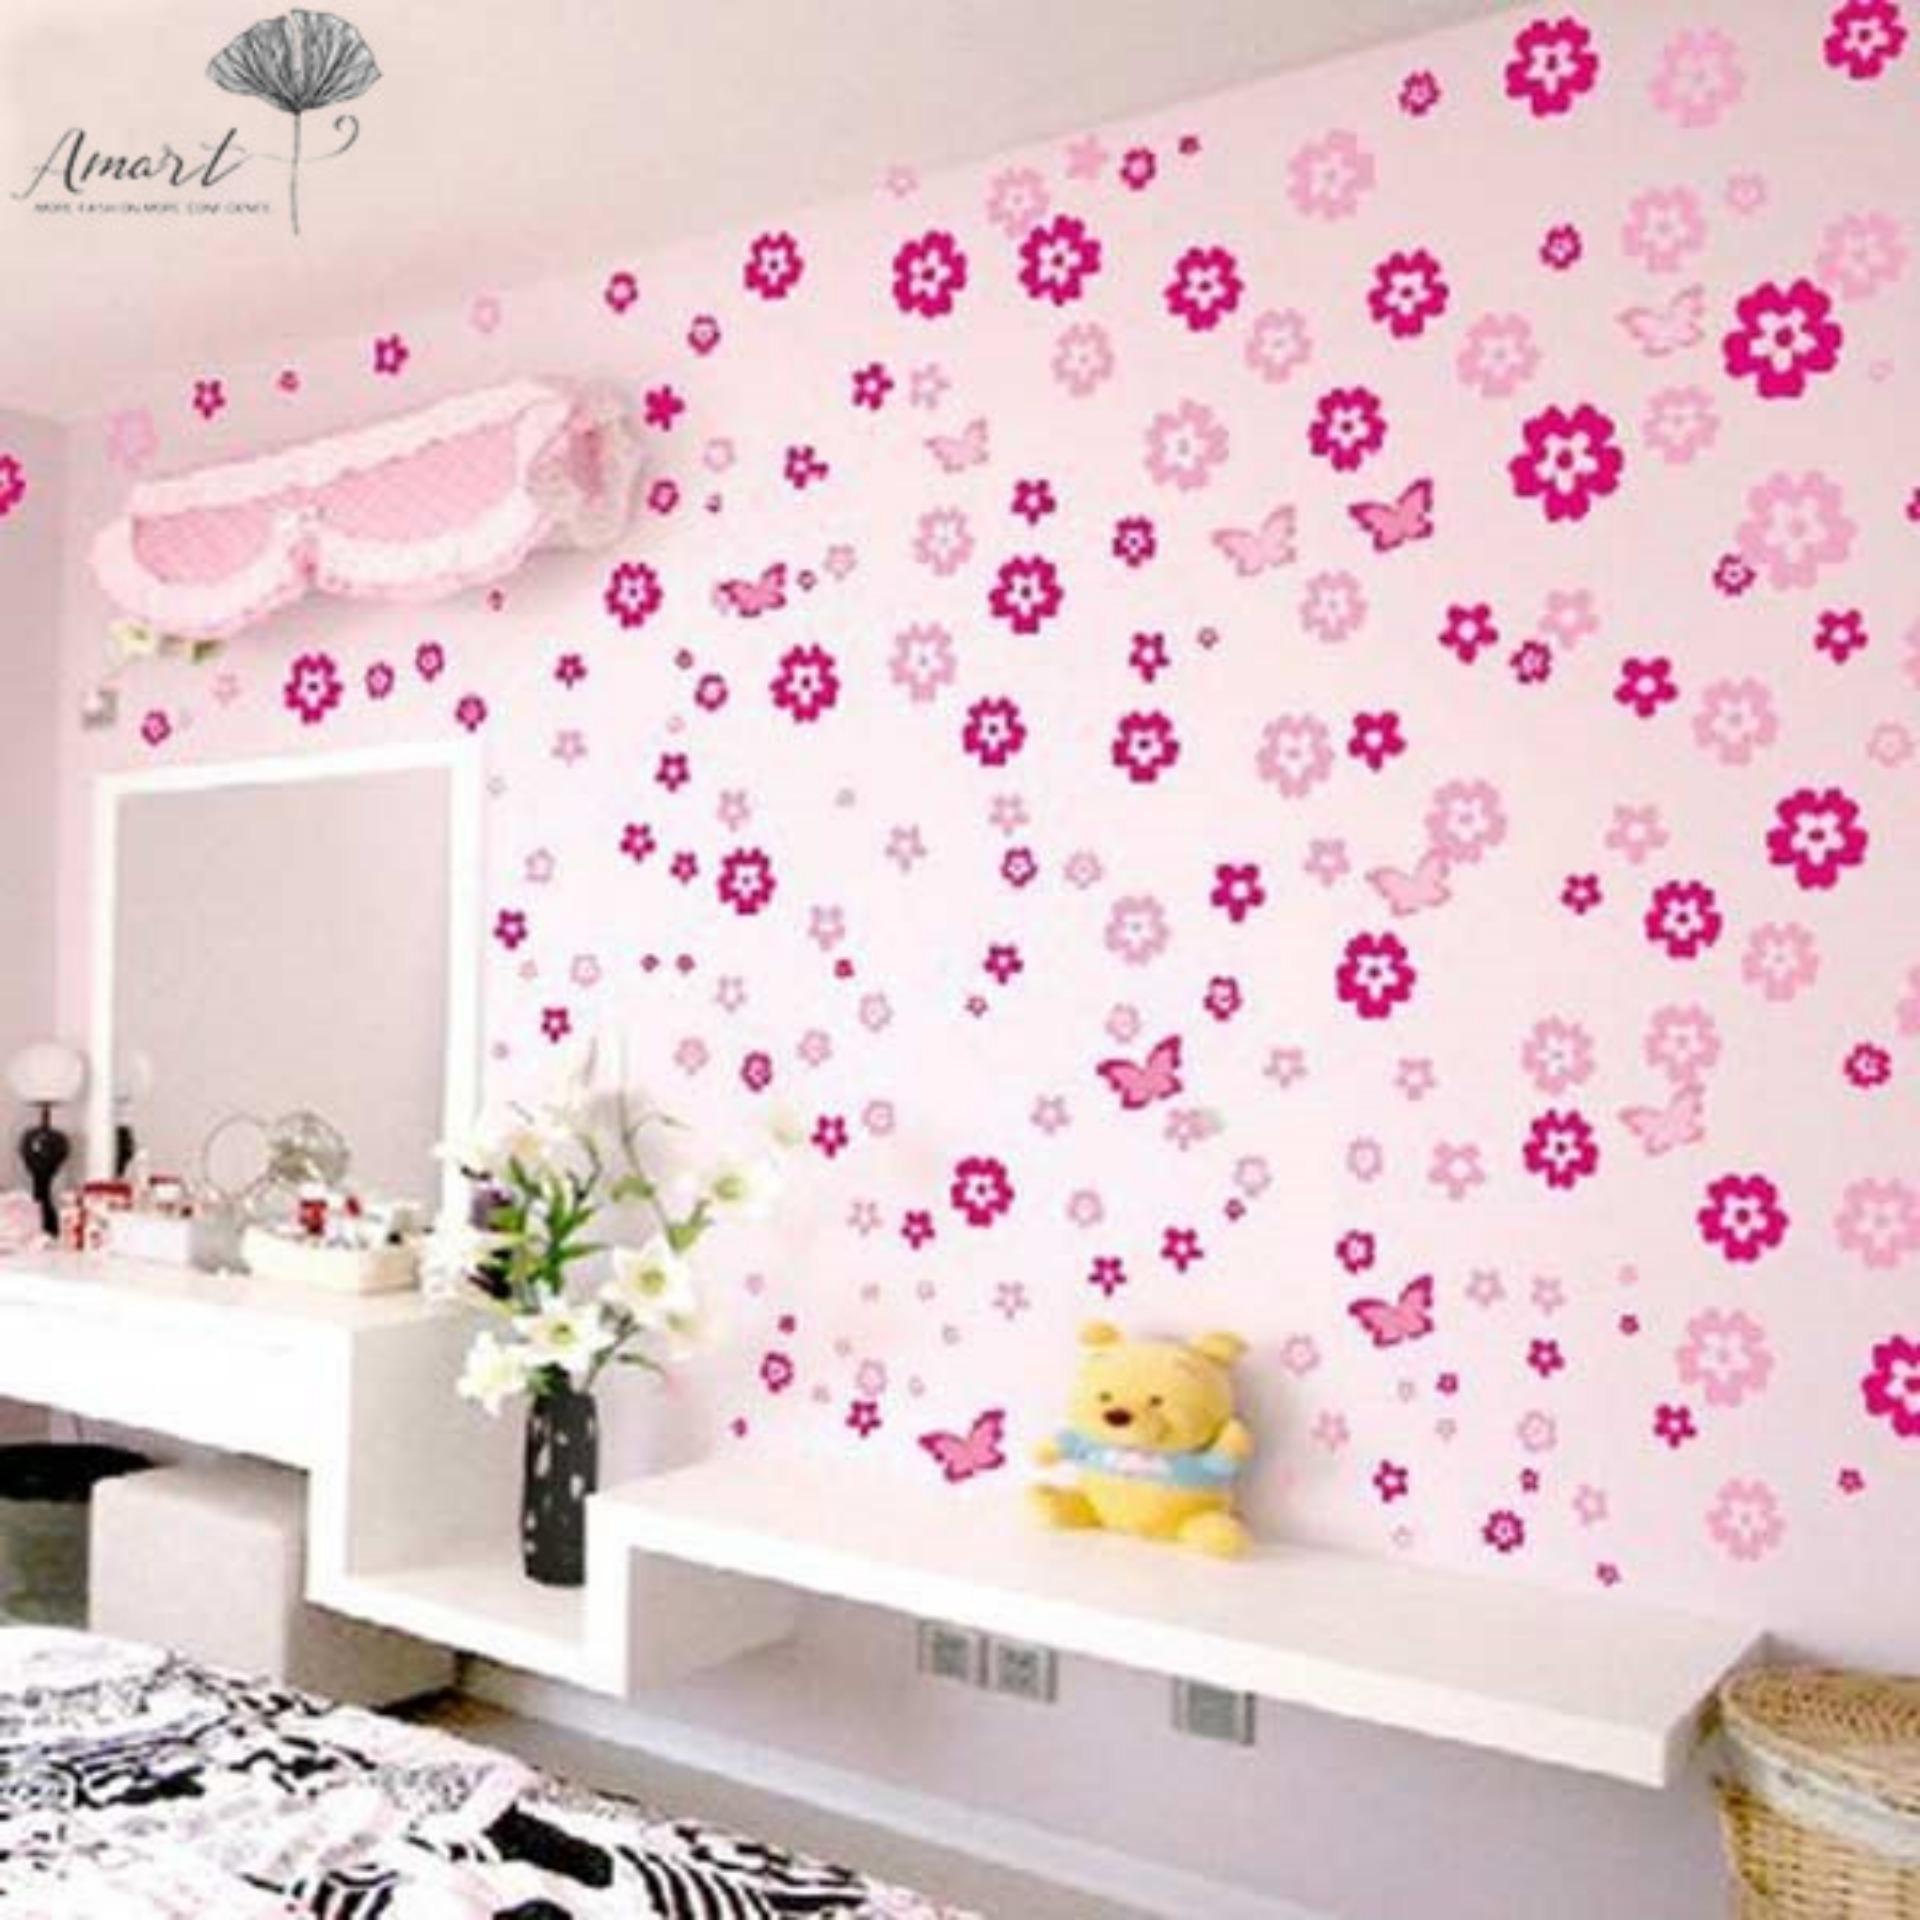 Gambar Wallpaper Dinding Ruang Tamu Minimalis Harga Bedroom Floral Print Wall Stickers 1920x1920 Download Hd Wallpaper Wallpapertip